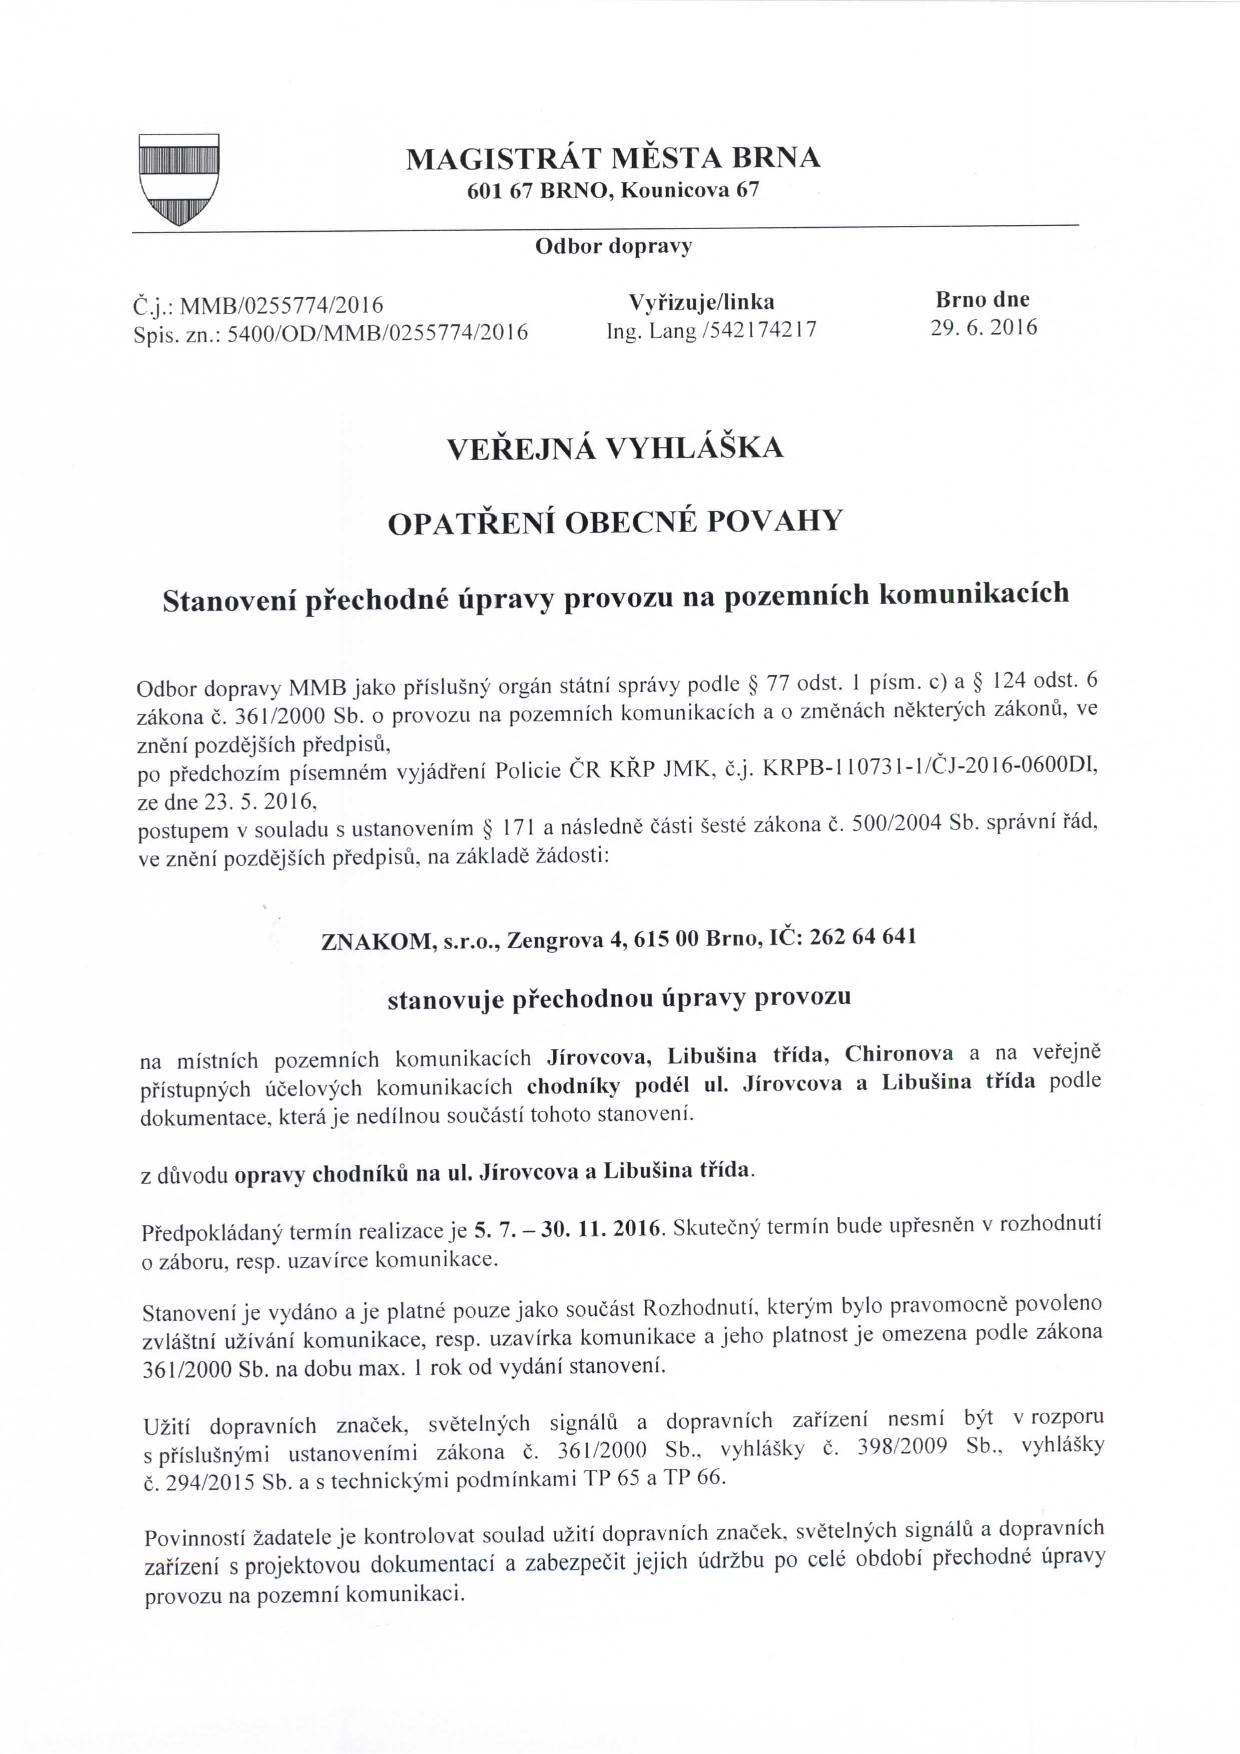 Stanovení přechodné úpravy provozu na komunikacích Jírovcova, Libušina třída, Chironova brno-kohoutovice-mojekohoutovice-01